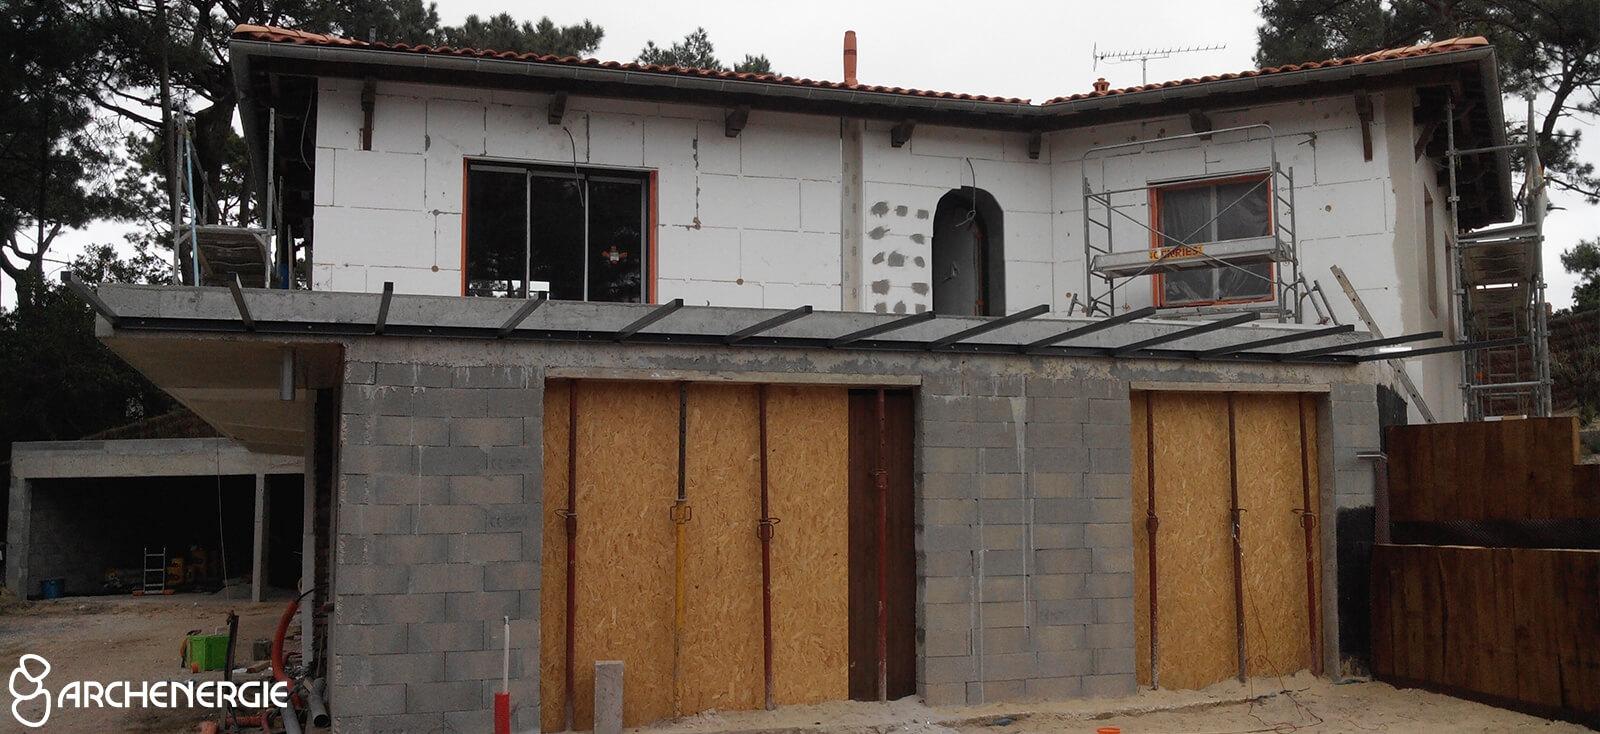 Villa Cap Ferret pendant travaux de rénovation - Archenergie